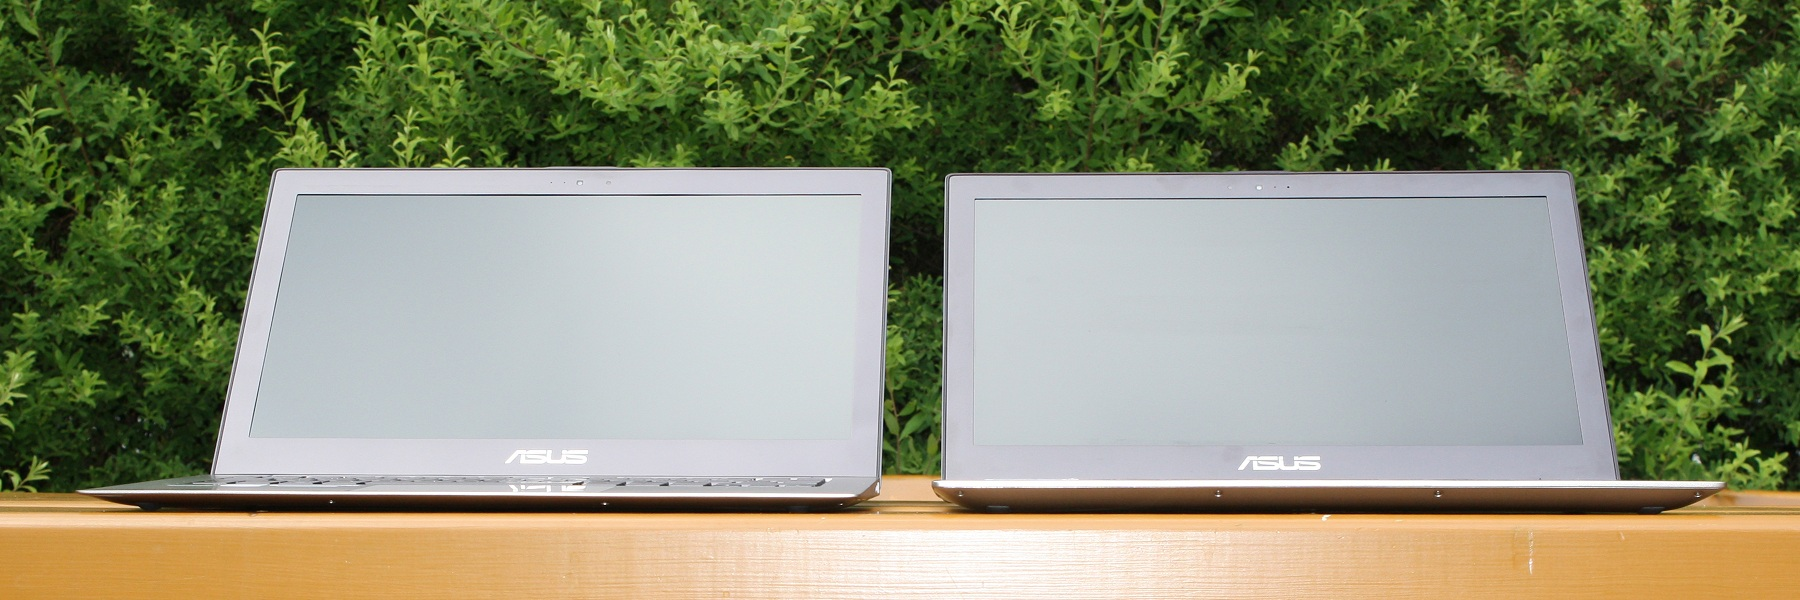 UX31A_vs_UX32VD10